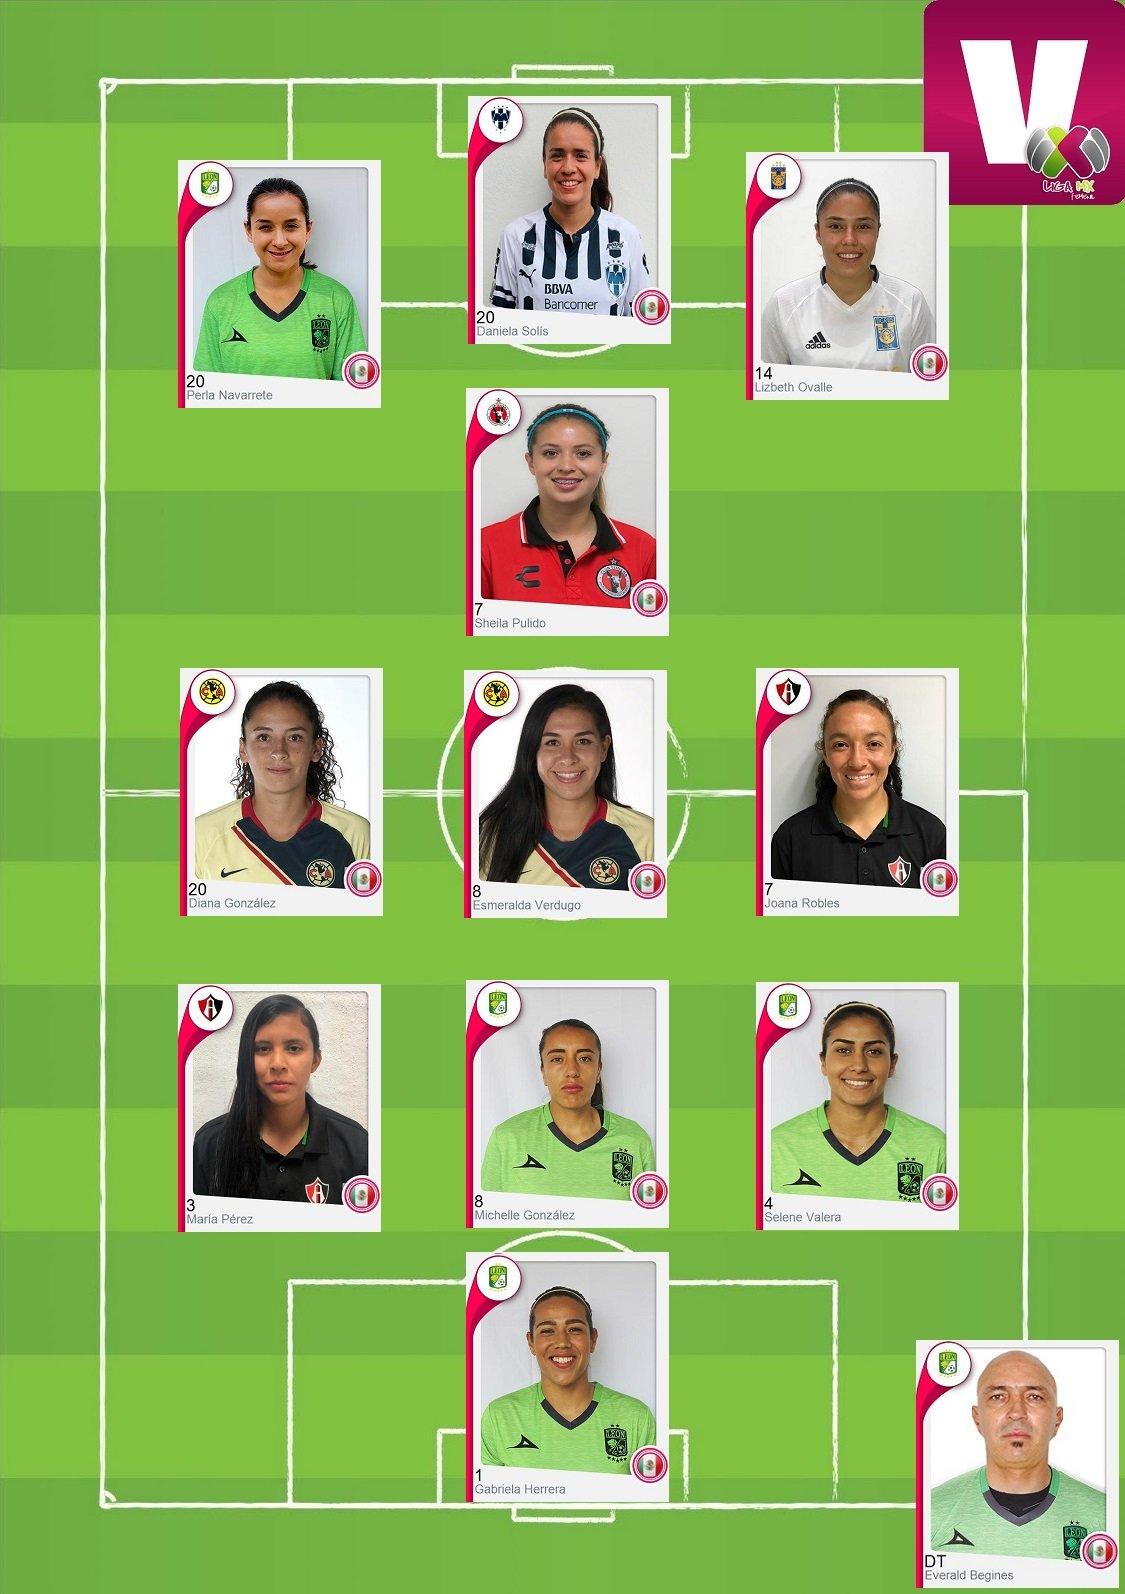 Equipo de la semana de la Liga MX Femenil: jornada 2